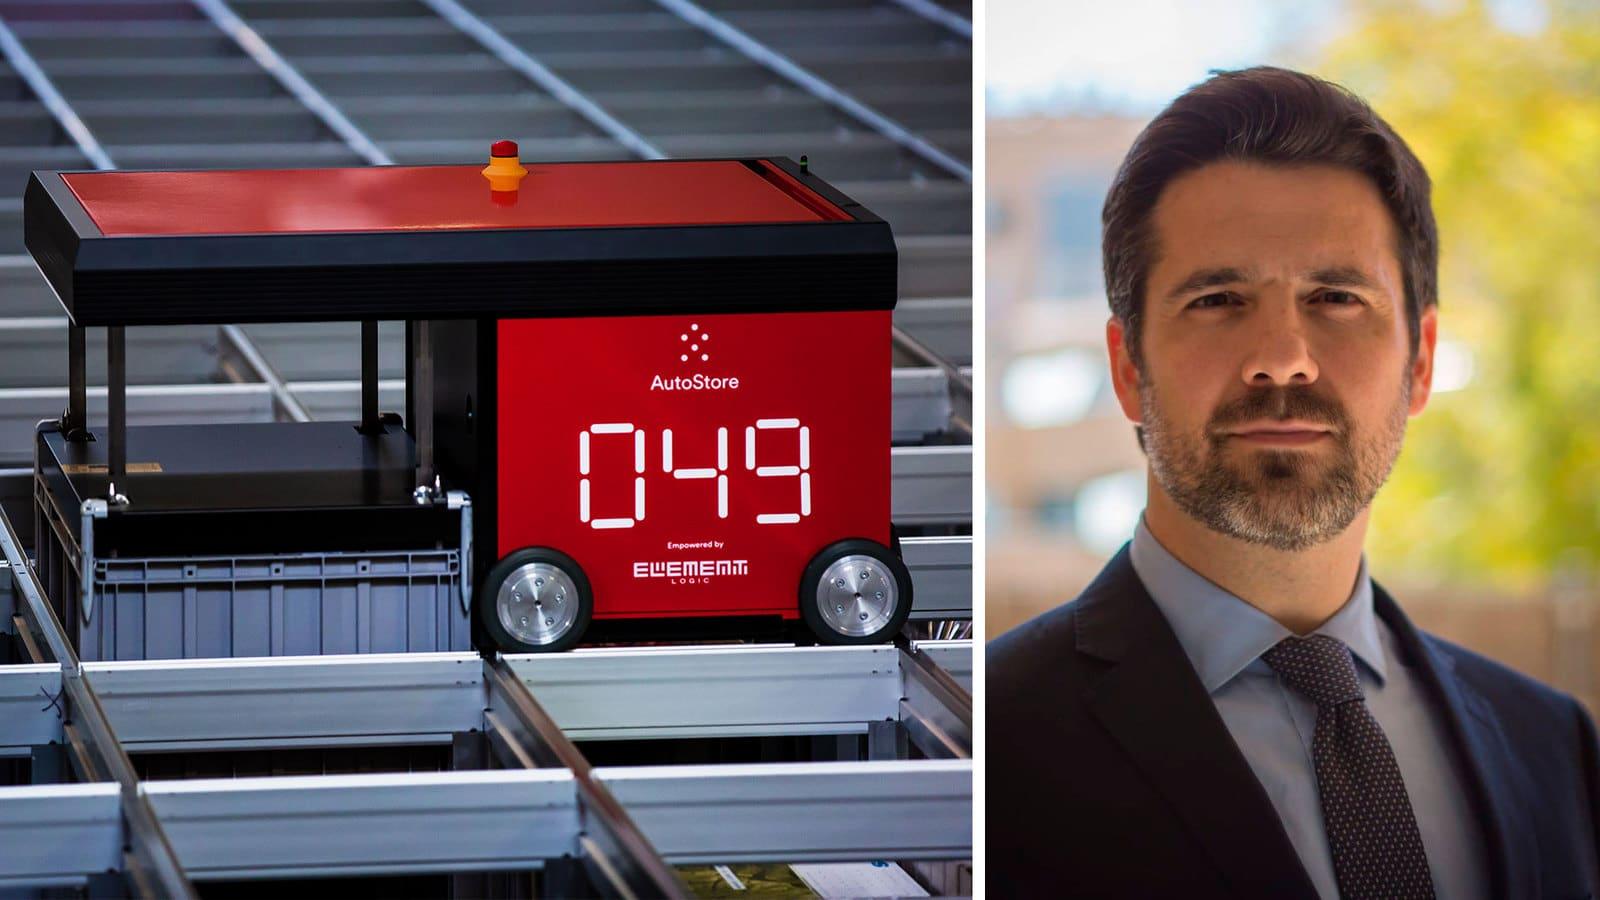 A la izquiera, imagen de un robot de AutoStore y a la derecha, imagen del director de Element Logic España